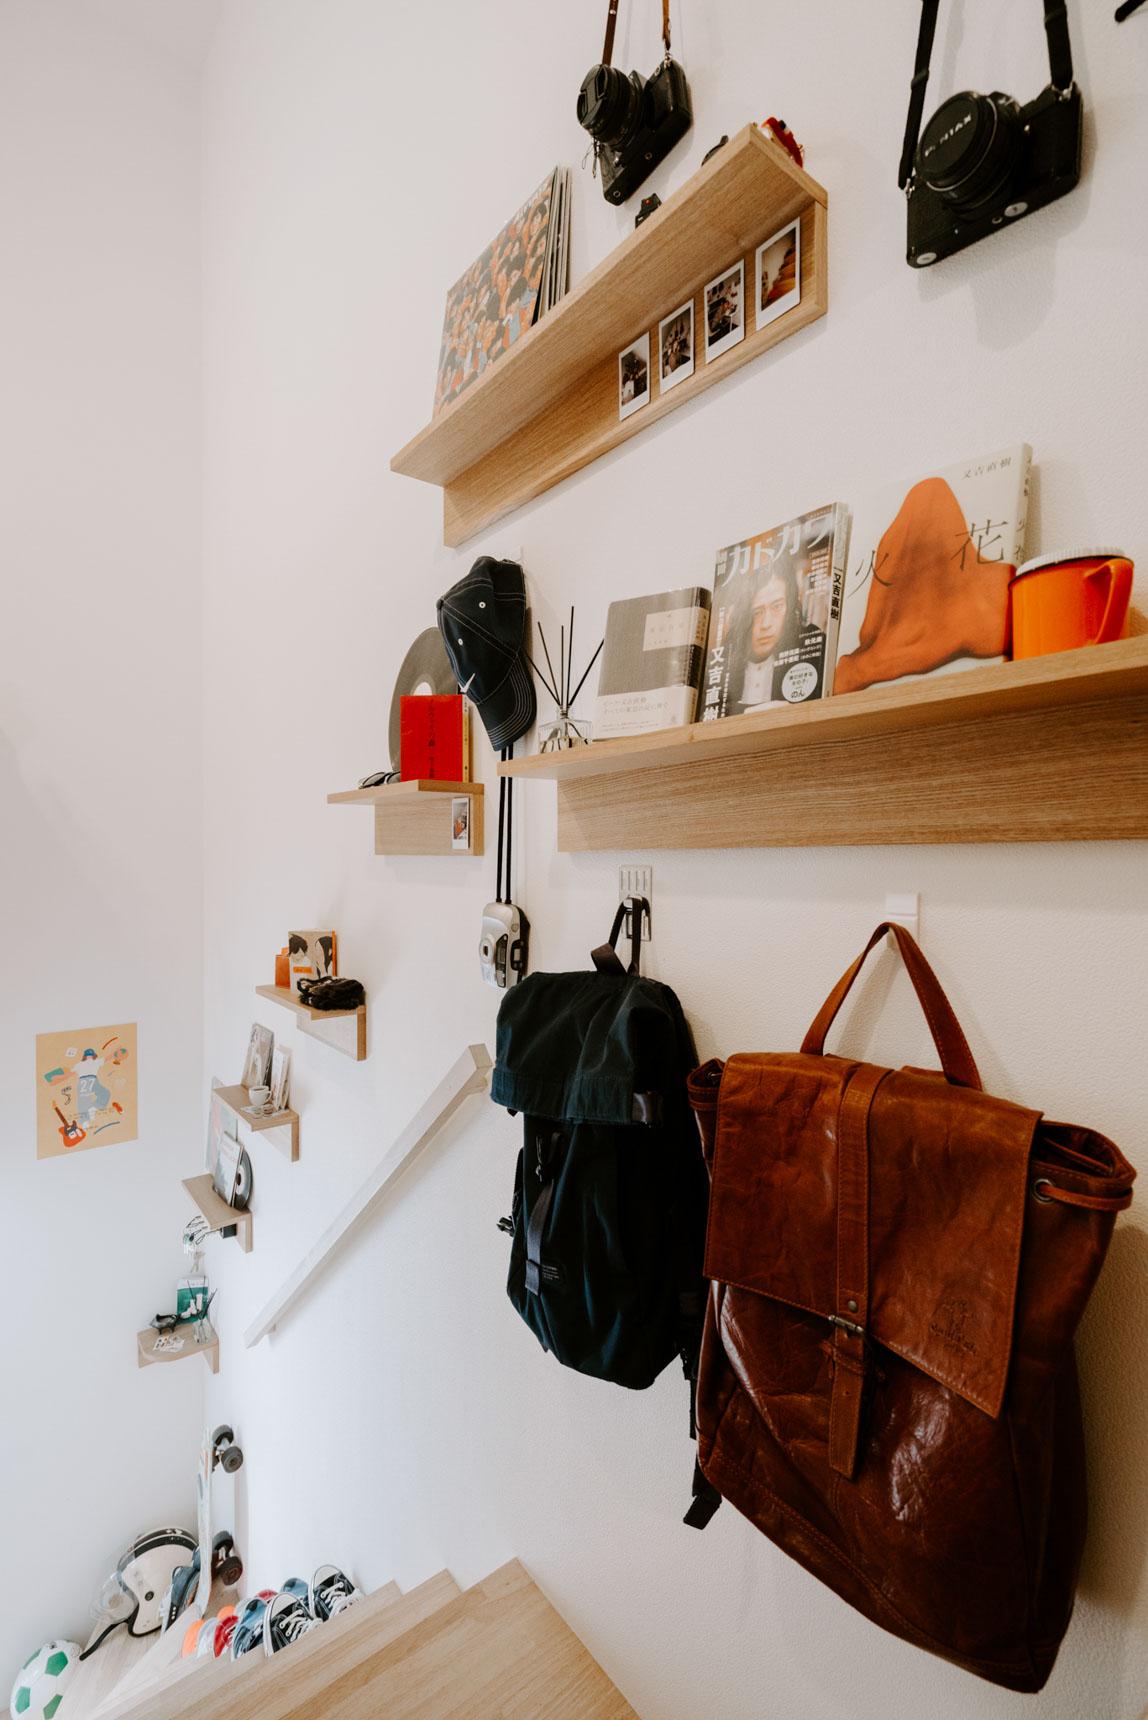 自分にとって大切な本の置き場はこんな風に賃貸でも壁につけられる棚につくってもいいかも。寝る前に読む本の「ちょっと置き」にも良さそうですね